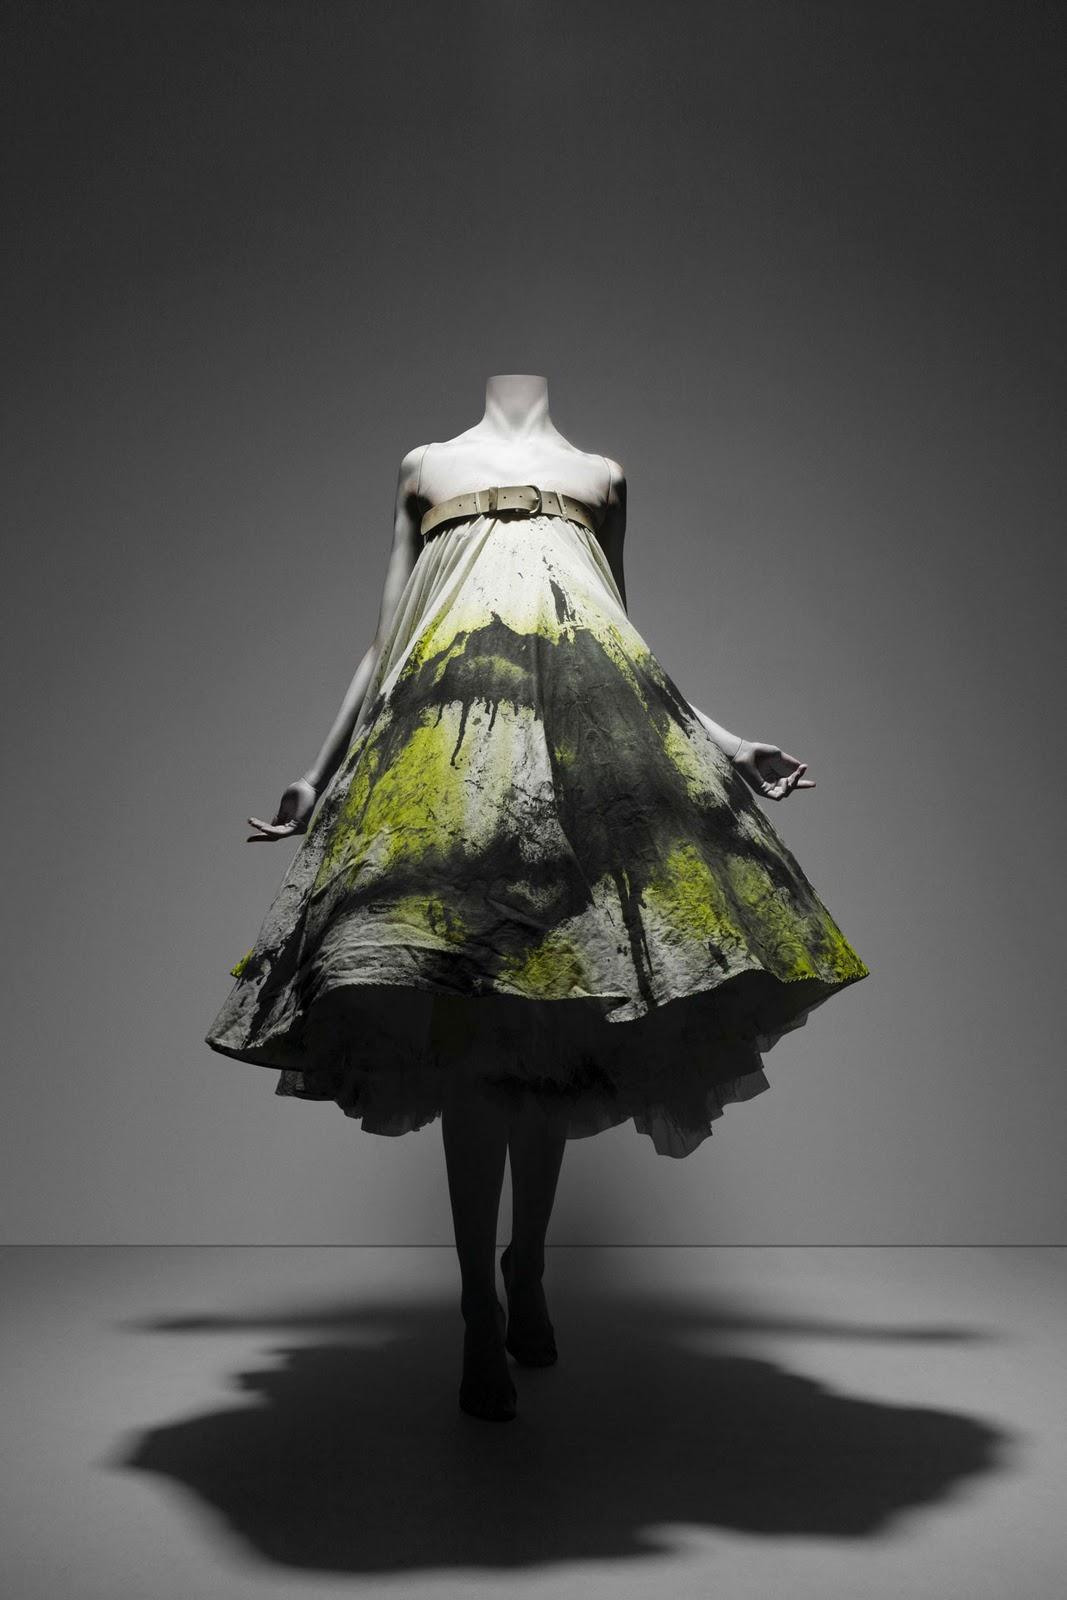 LULUSHION: Alexander McQueen Spray Paint Dress vs My Dress